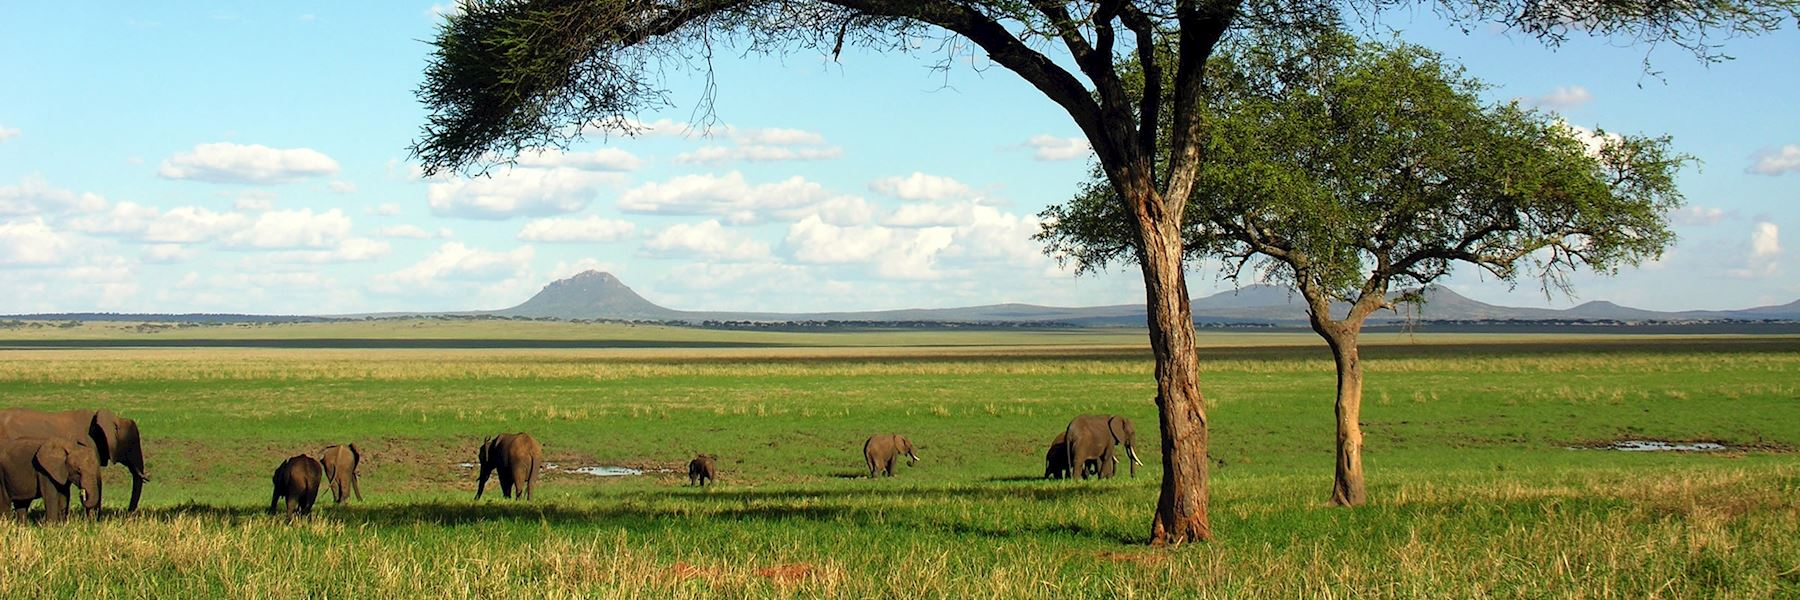 Visit Tarangire National Park, Tanzania